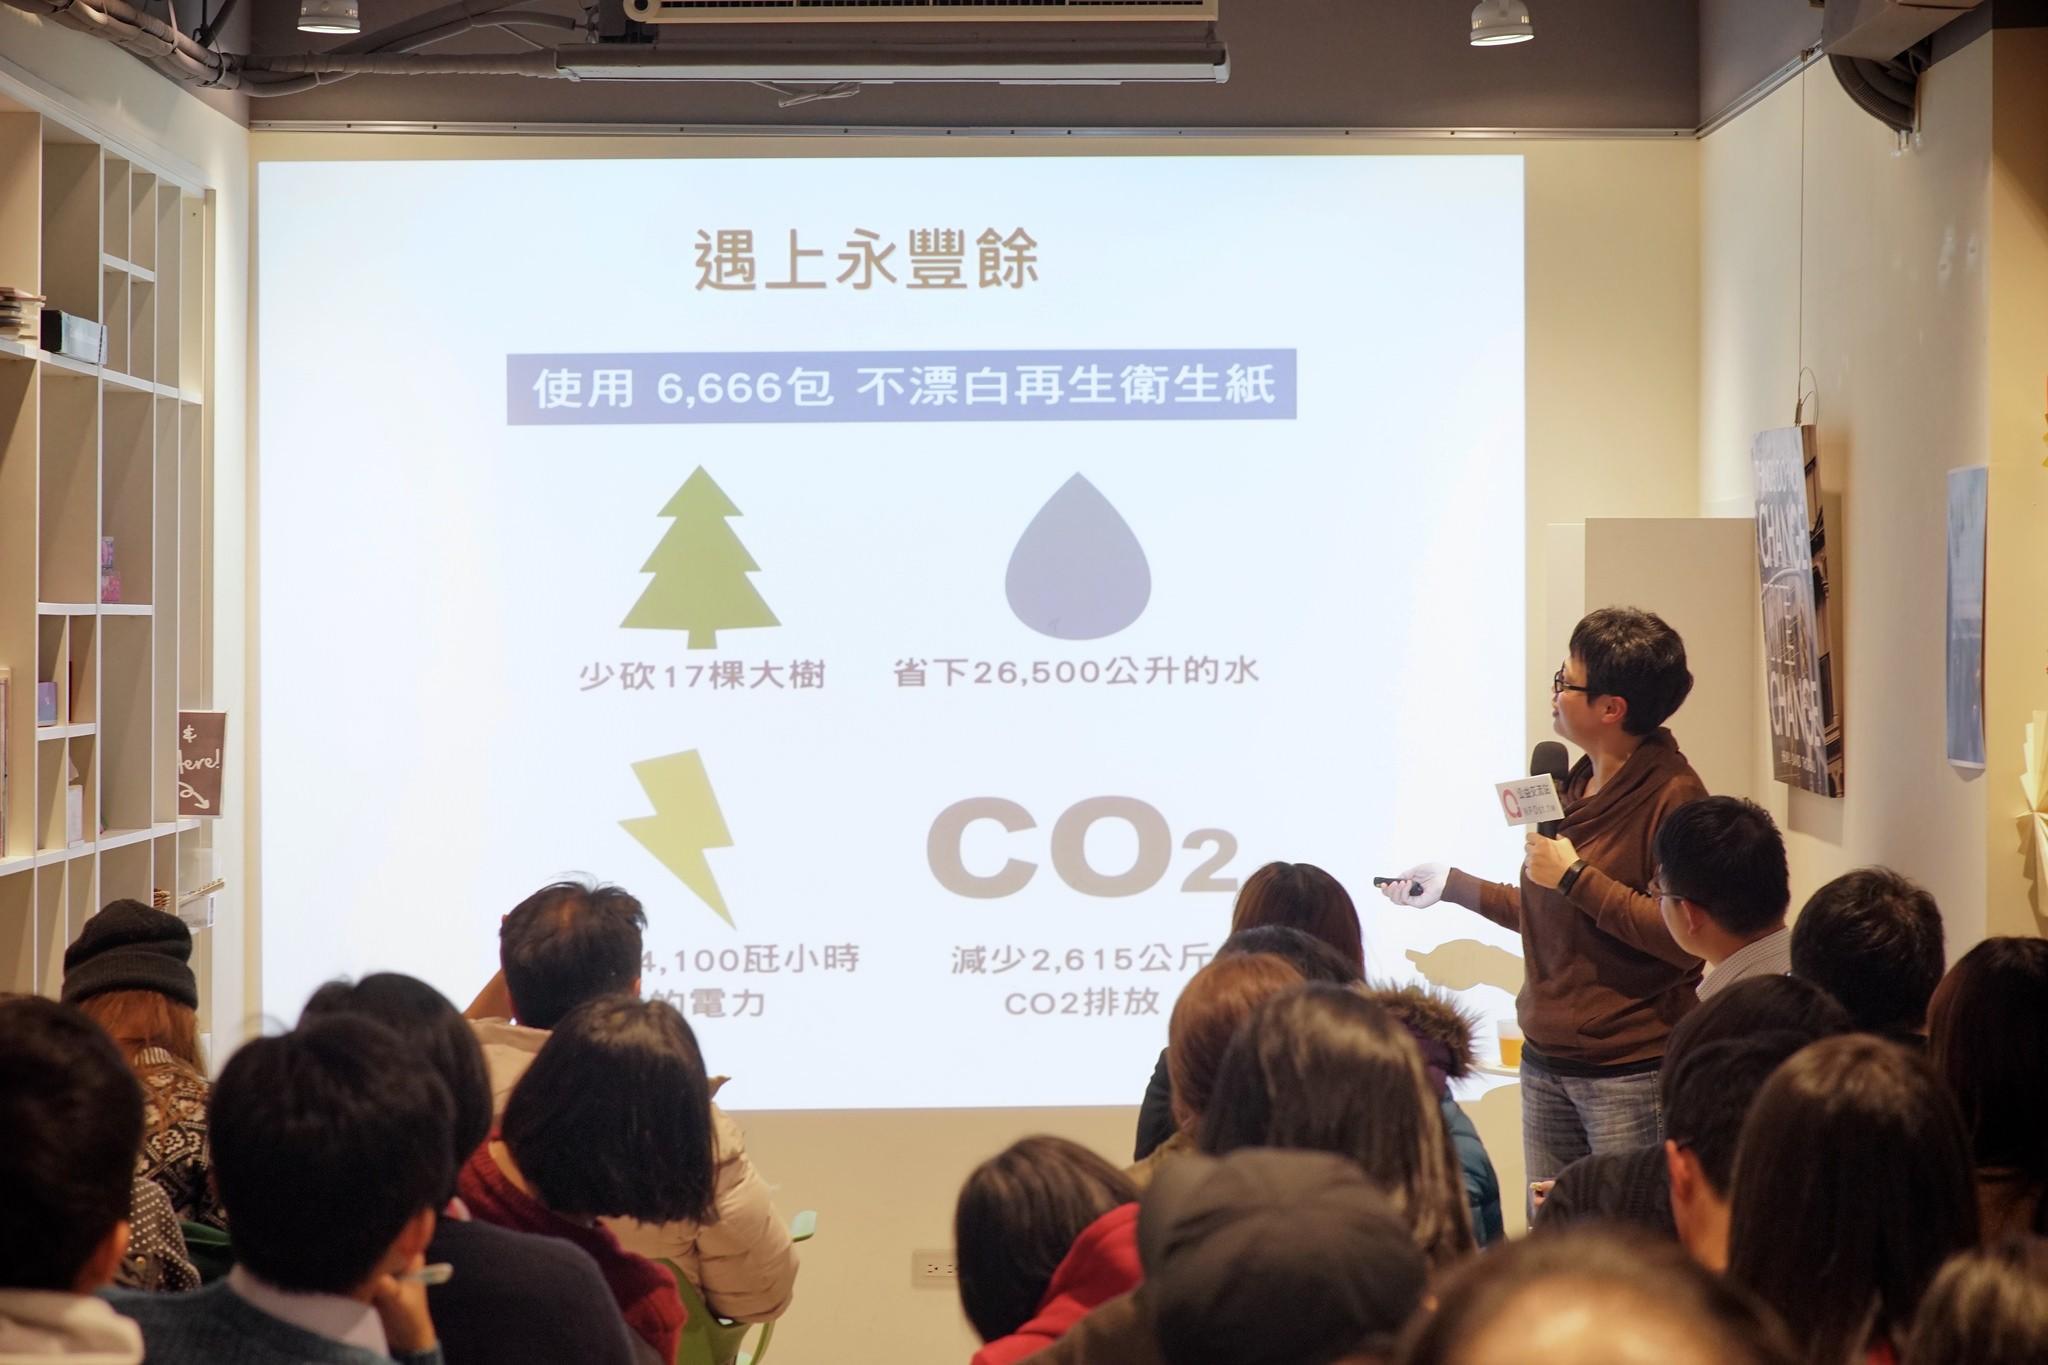 主婦聯盟環境保護基金會執行長賴曉芬,於公益爆米花#32「從捐款人到大企業,非營利組織的責任困境」演講分享